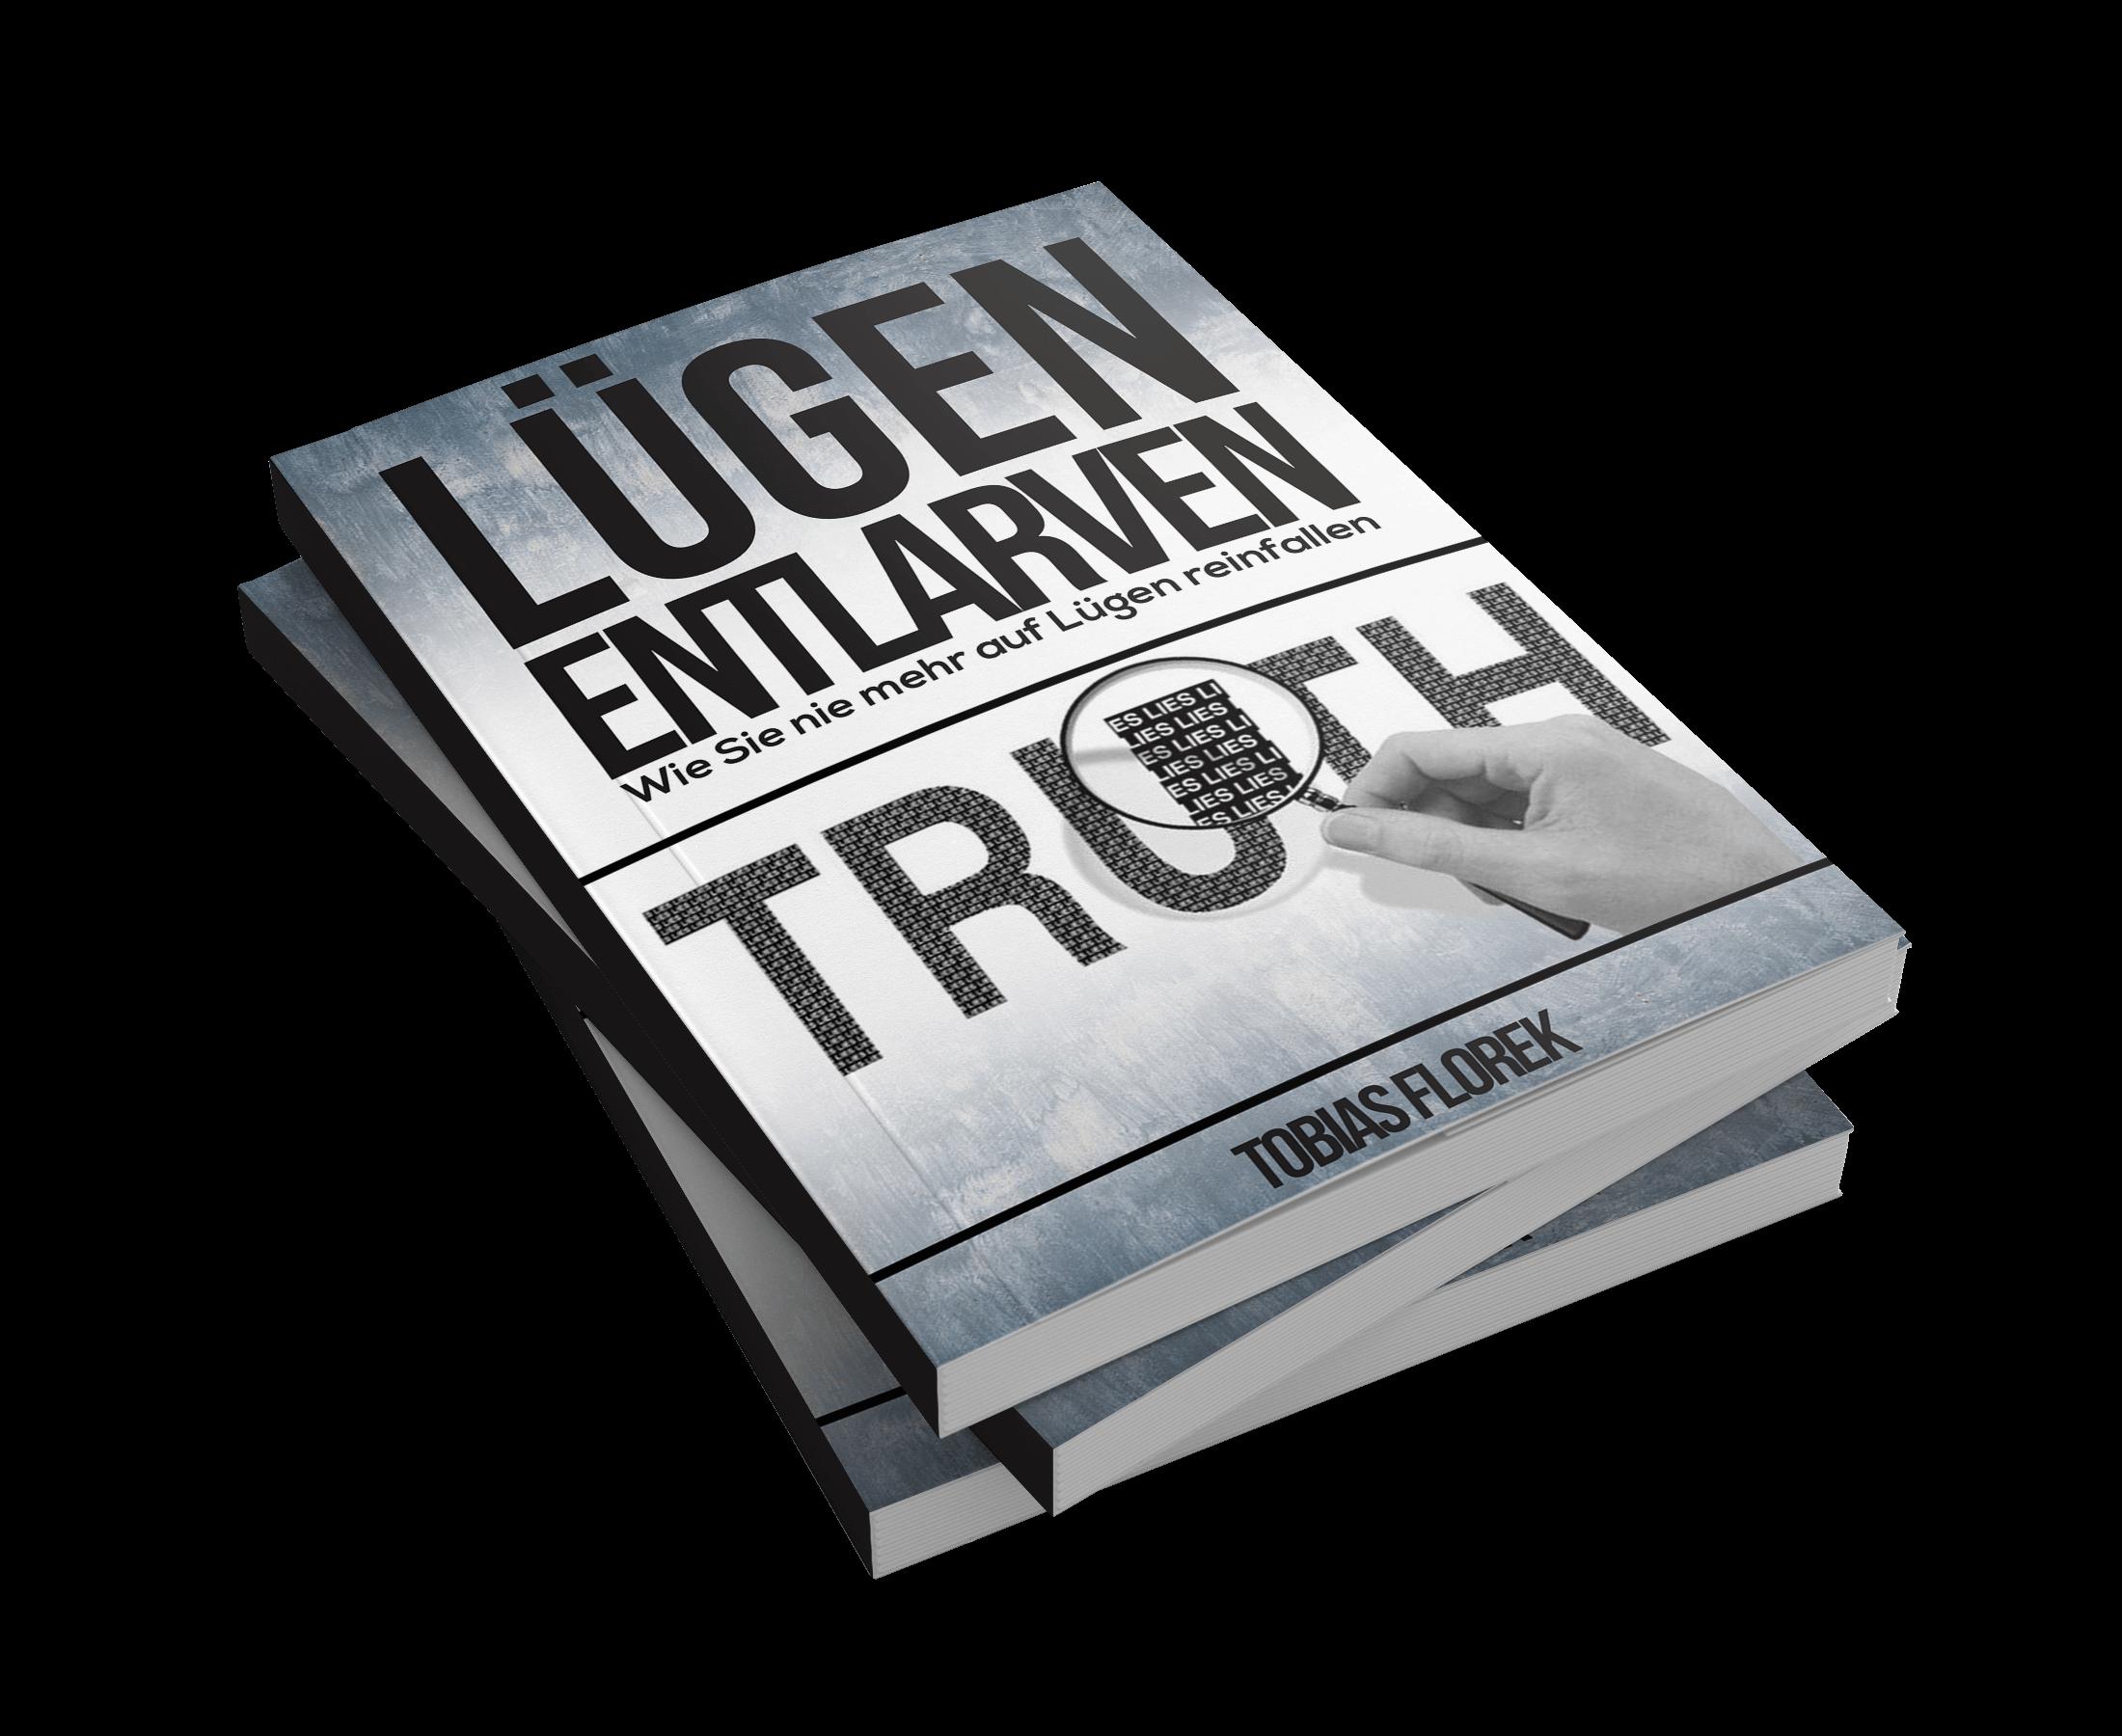 I❶I Lügen entlarven - eBook jetzt günstig kaufen I ZUMARA